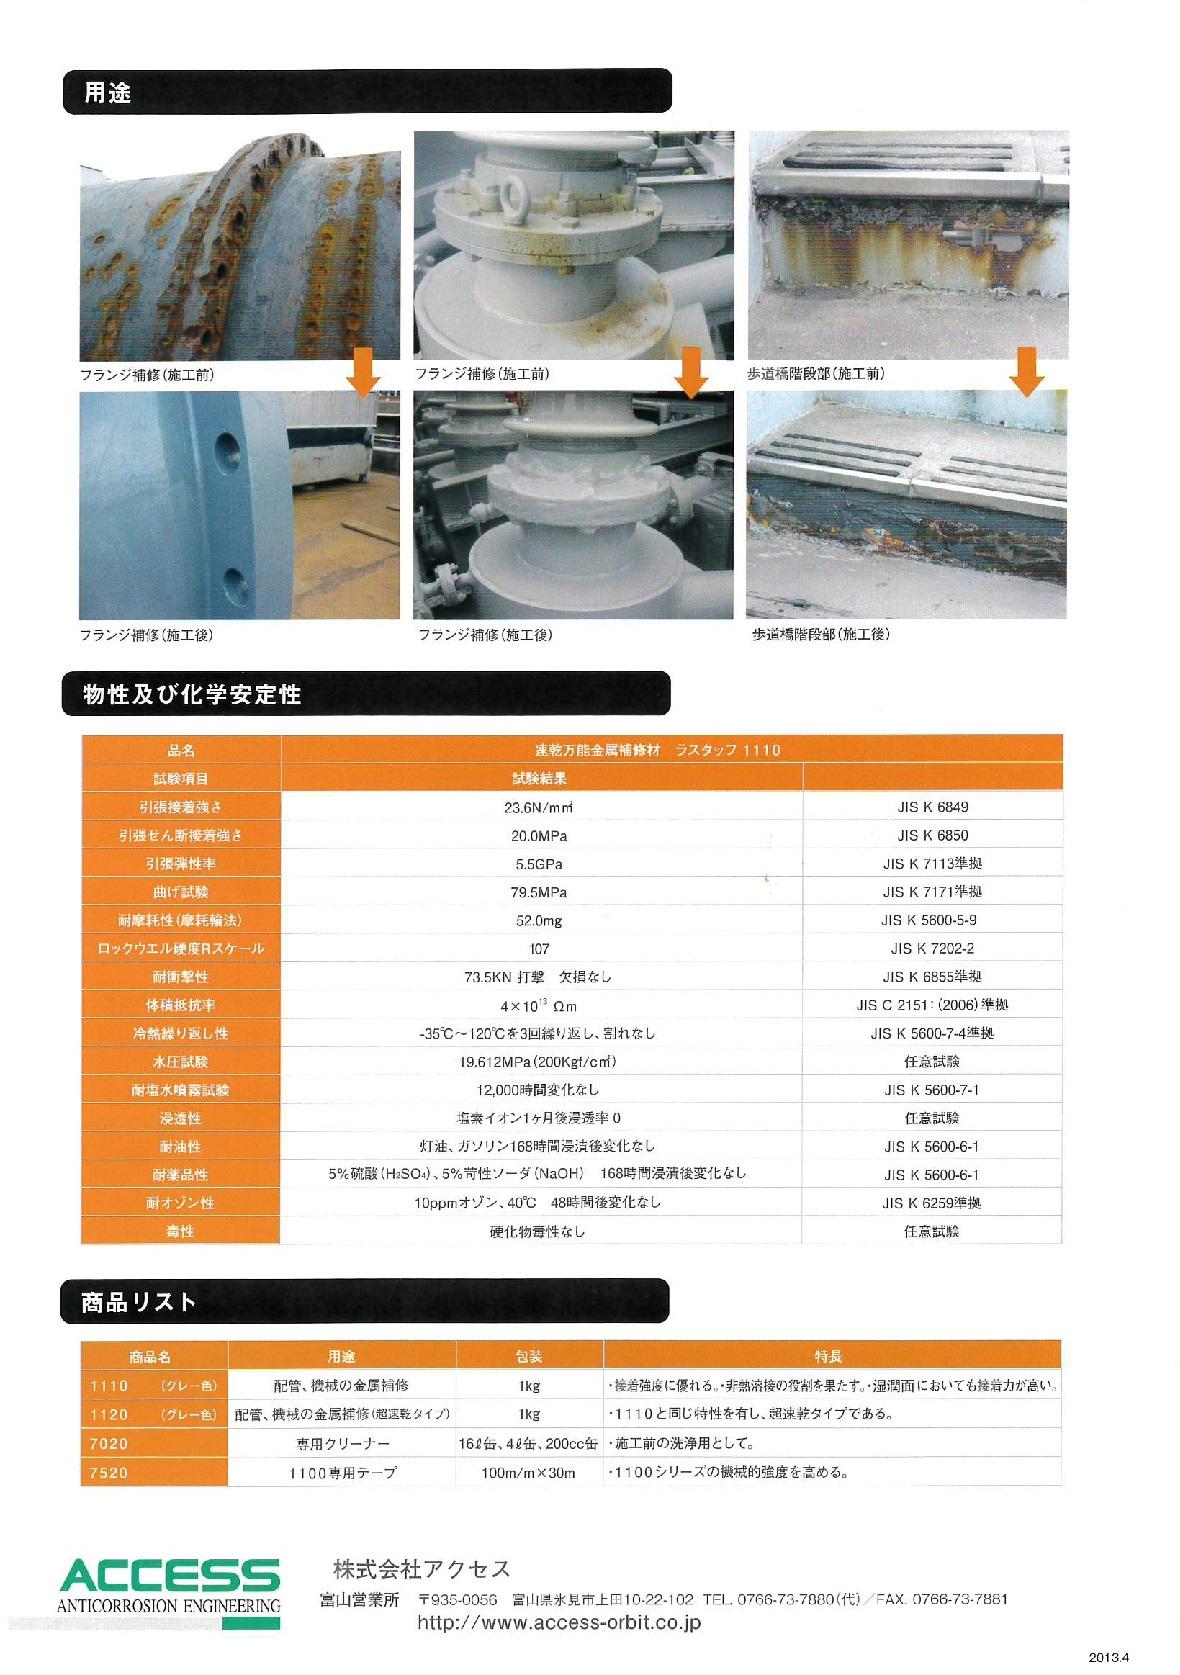 20170615トピックス(管材事業)⑤ラスタッフ裏-001